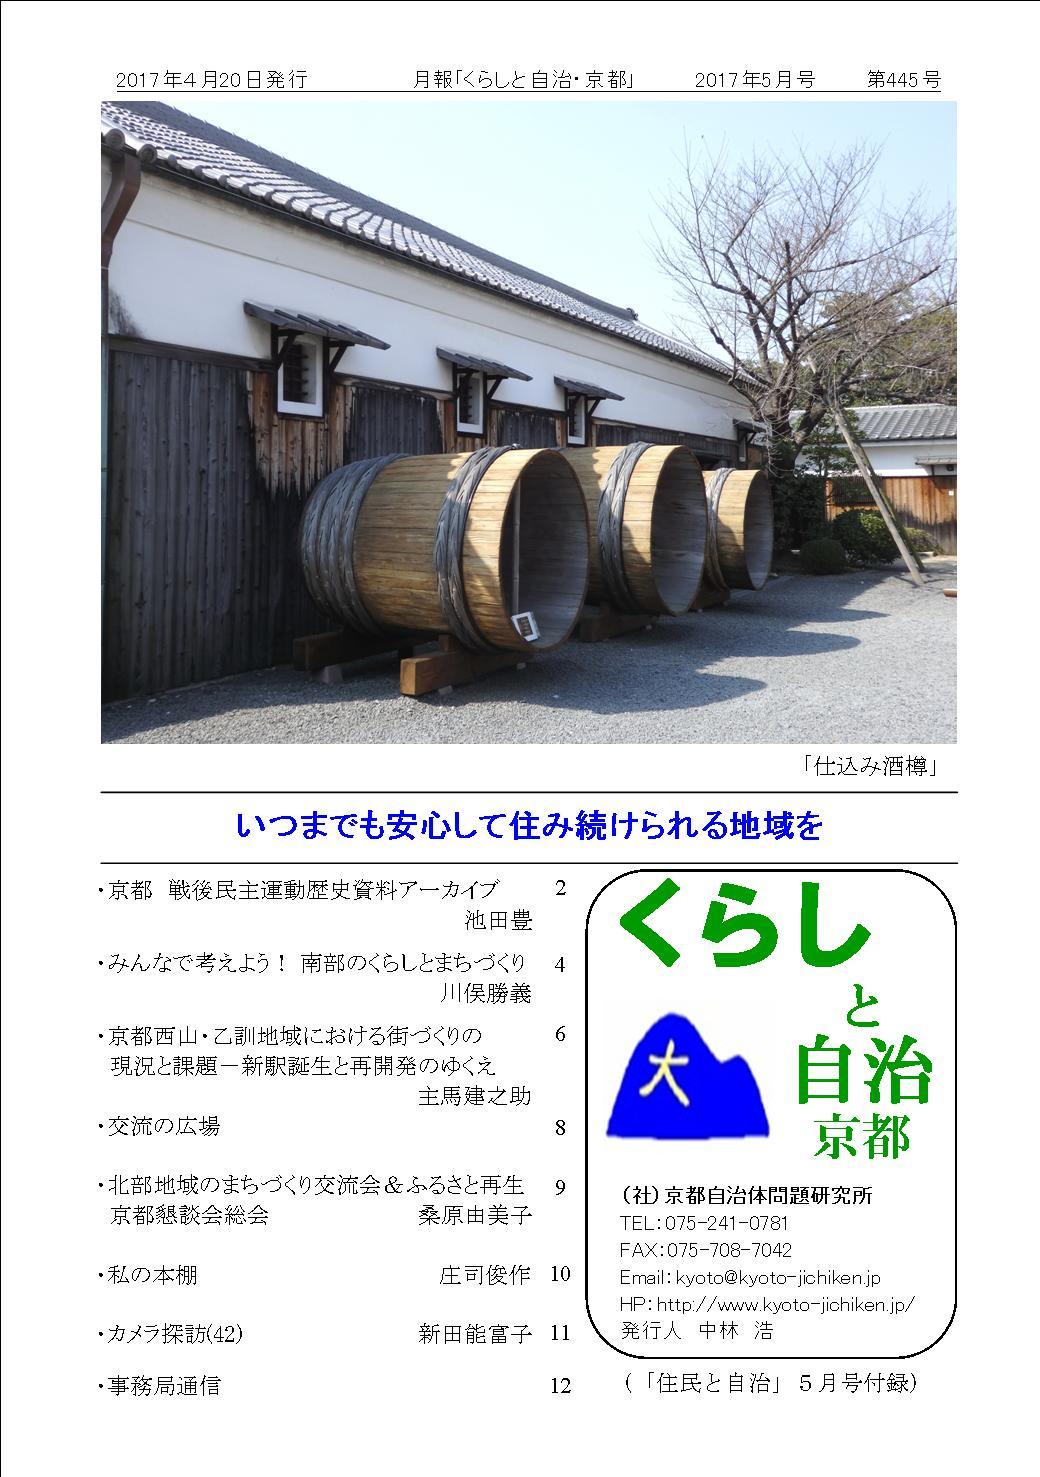 月報「くらしと自治・京都」2015年05月号 第445号